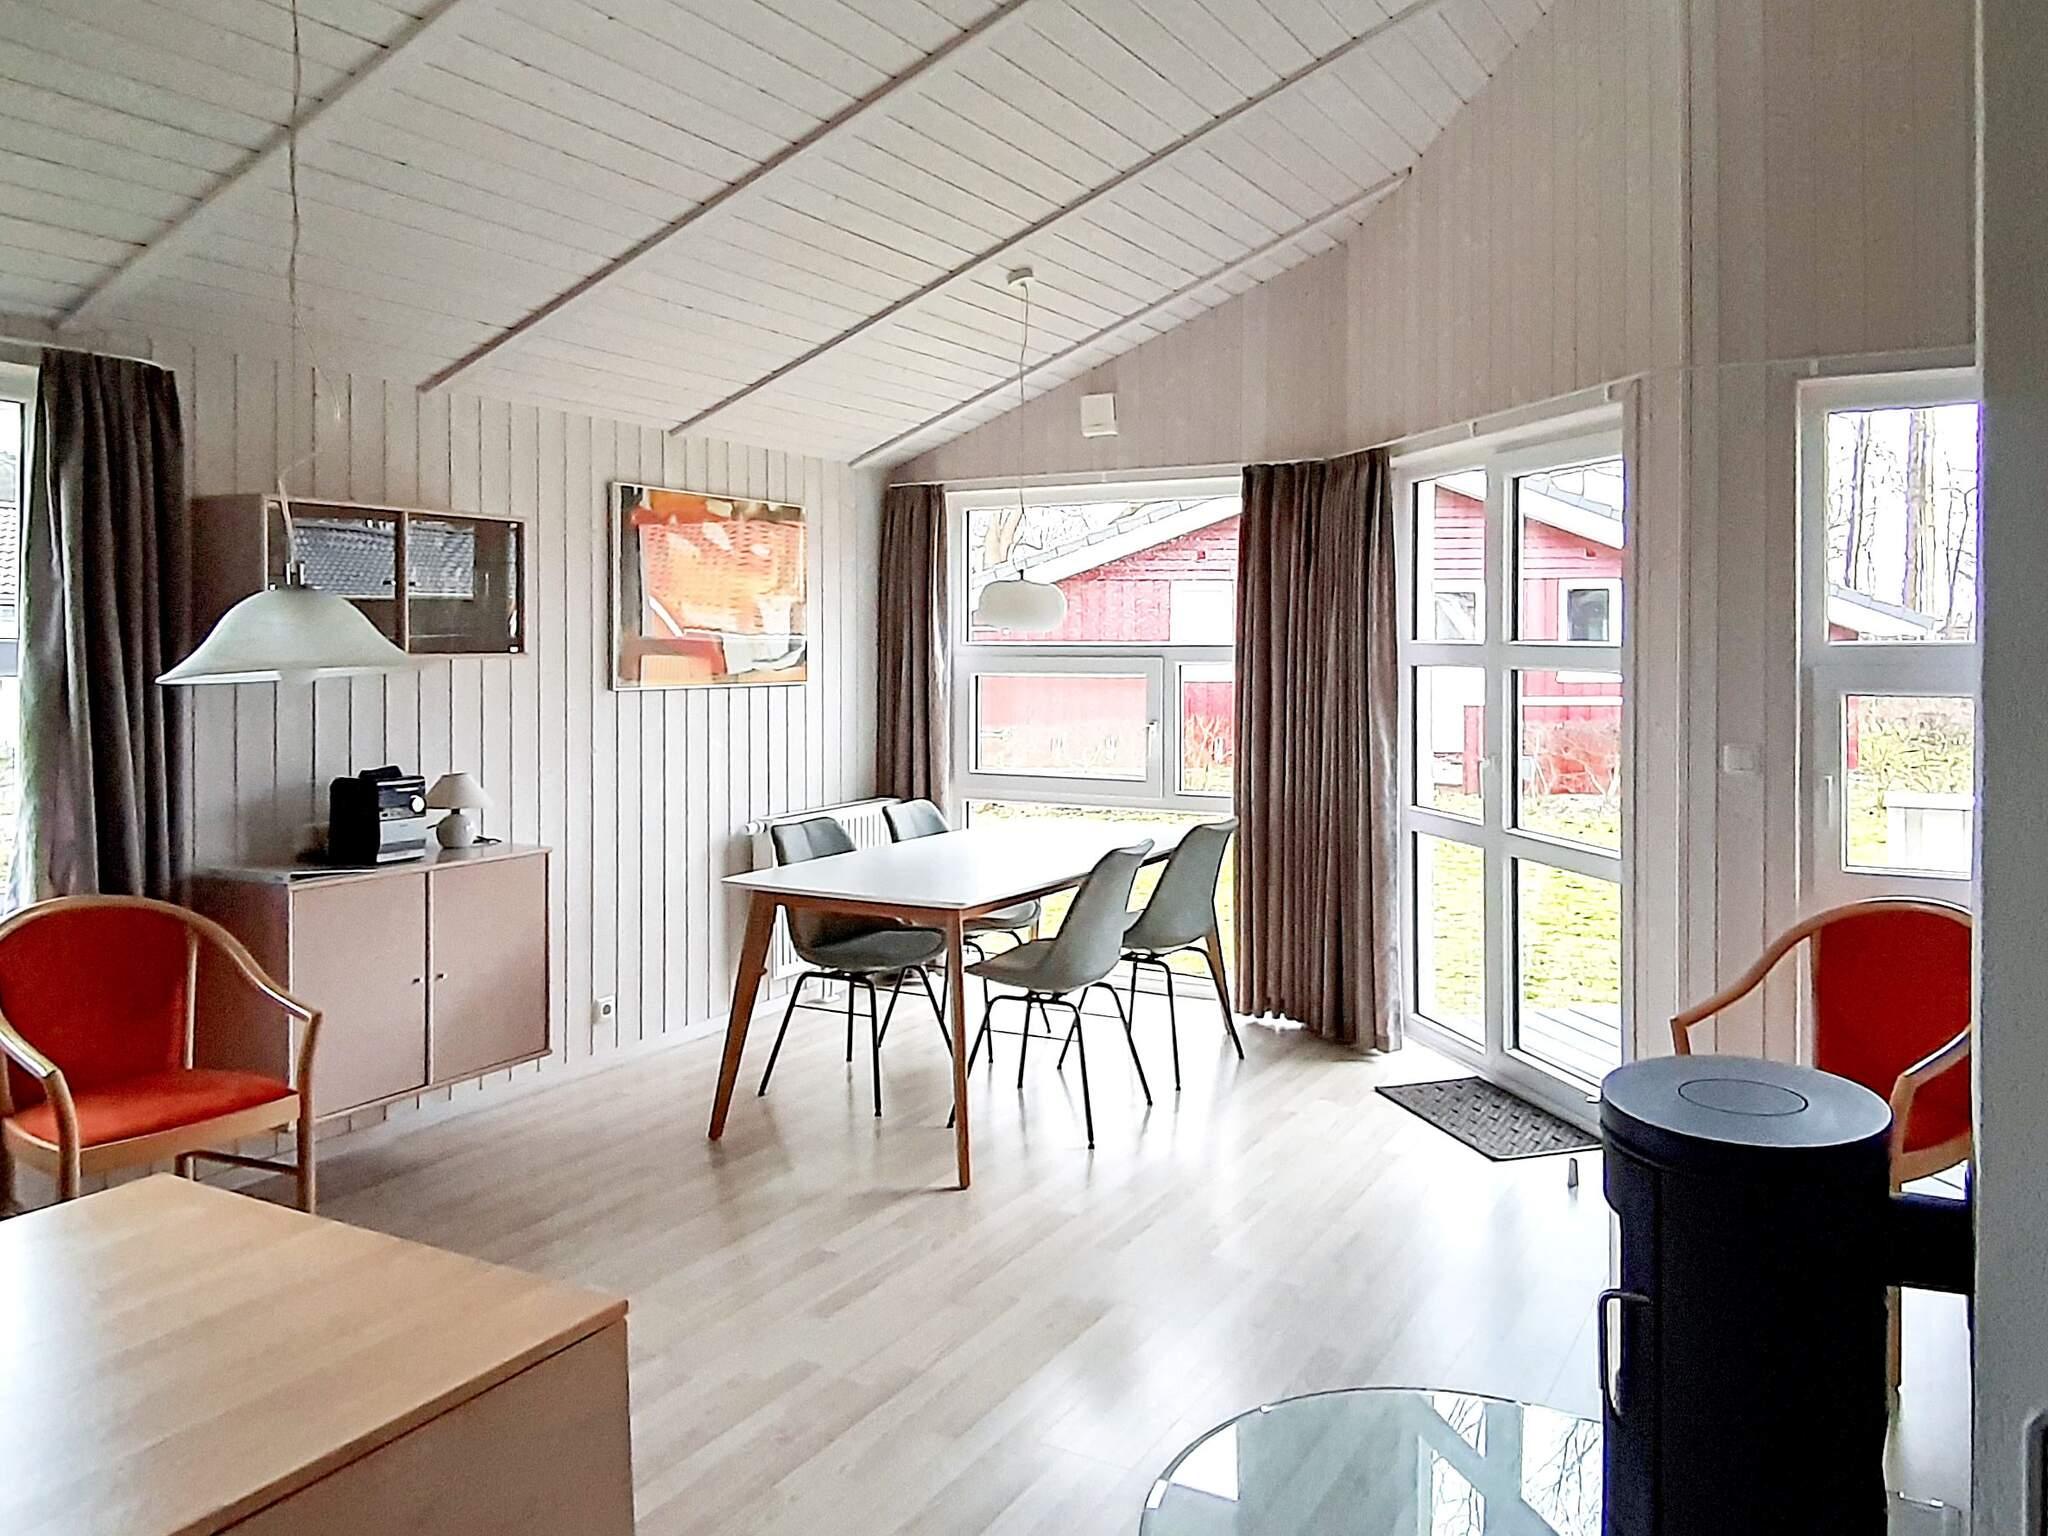 Maison de vacances Grömitz (455123), Grömitz, Baie de Lübeck, Schleswig-Holstein, Allemagne, image 2